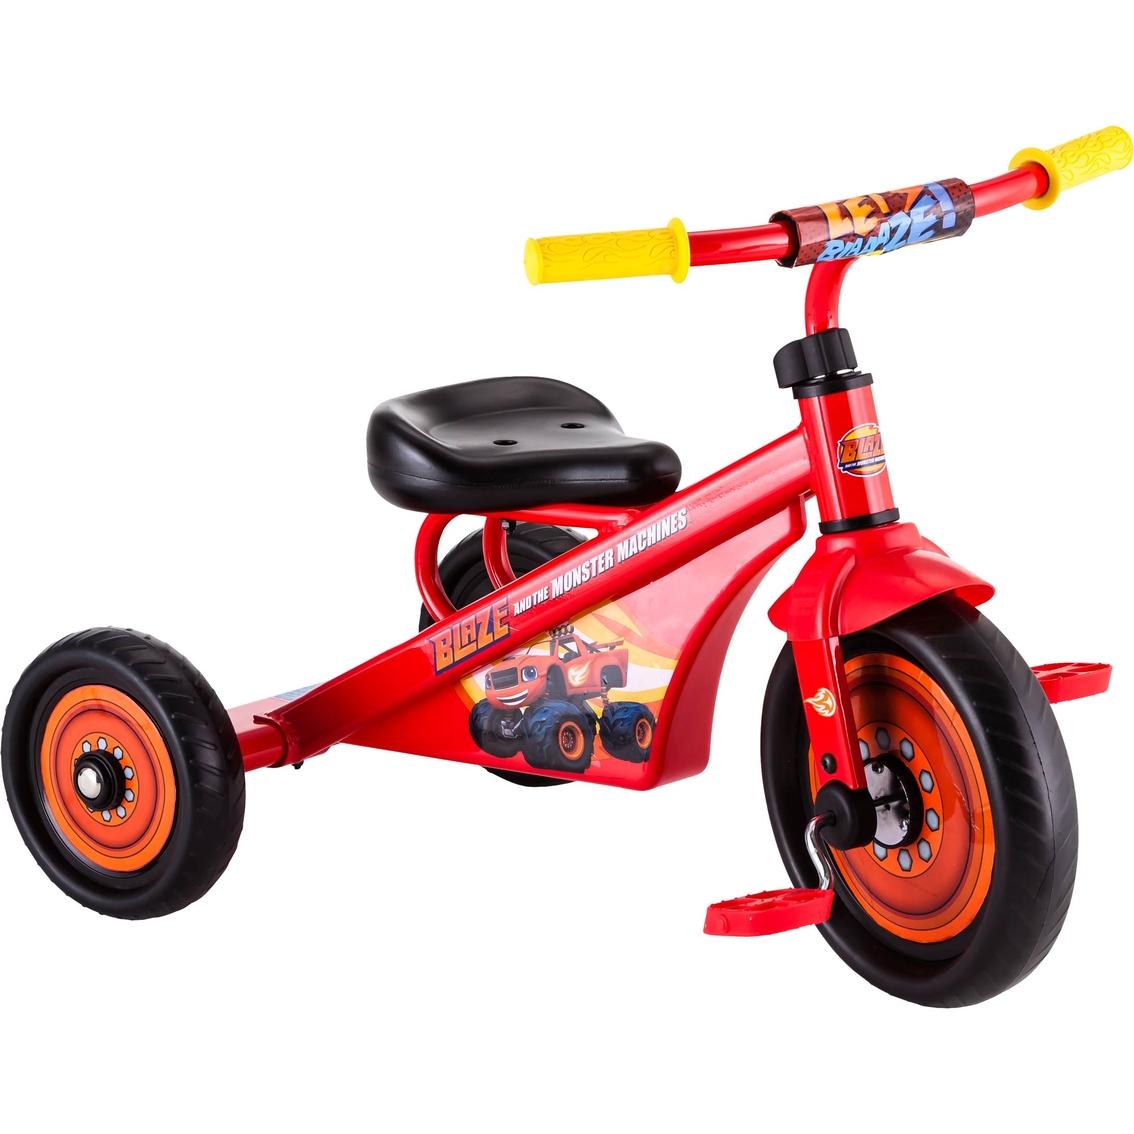 Toys Trikes 18